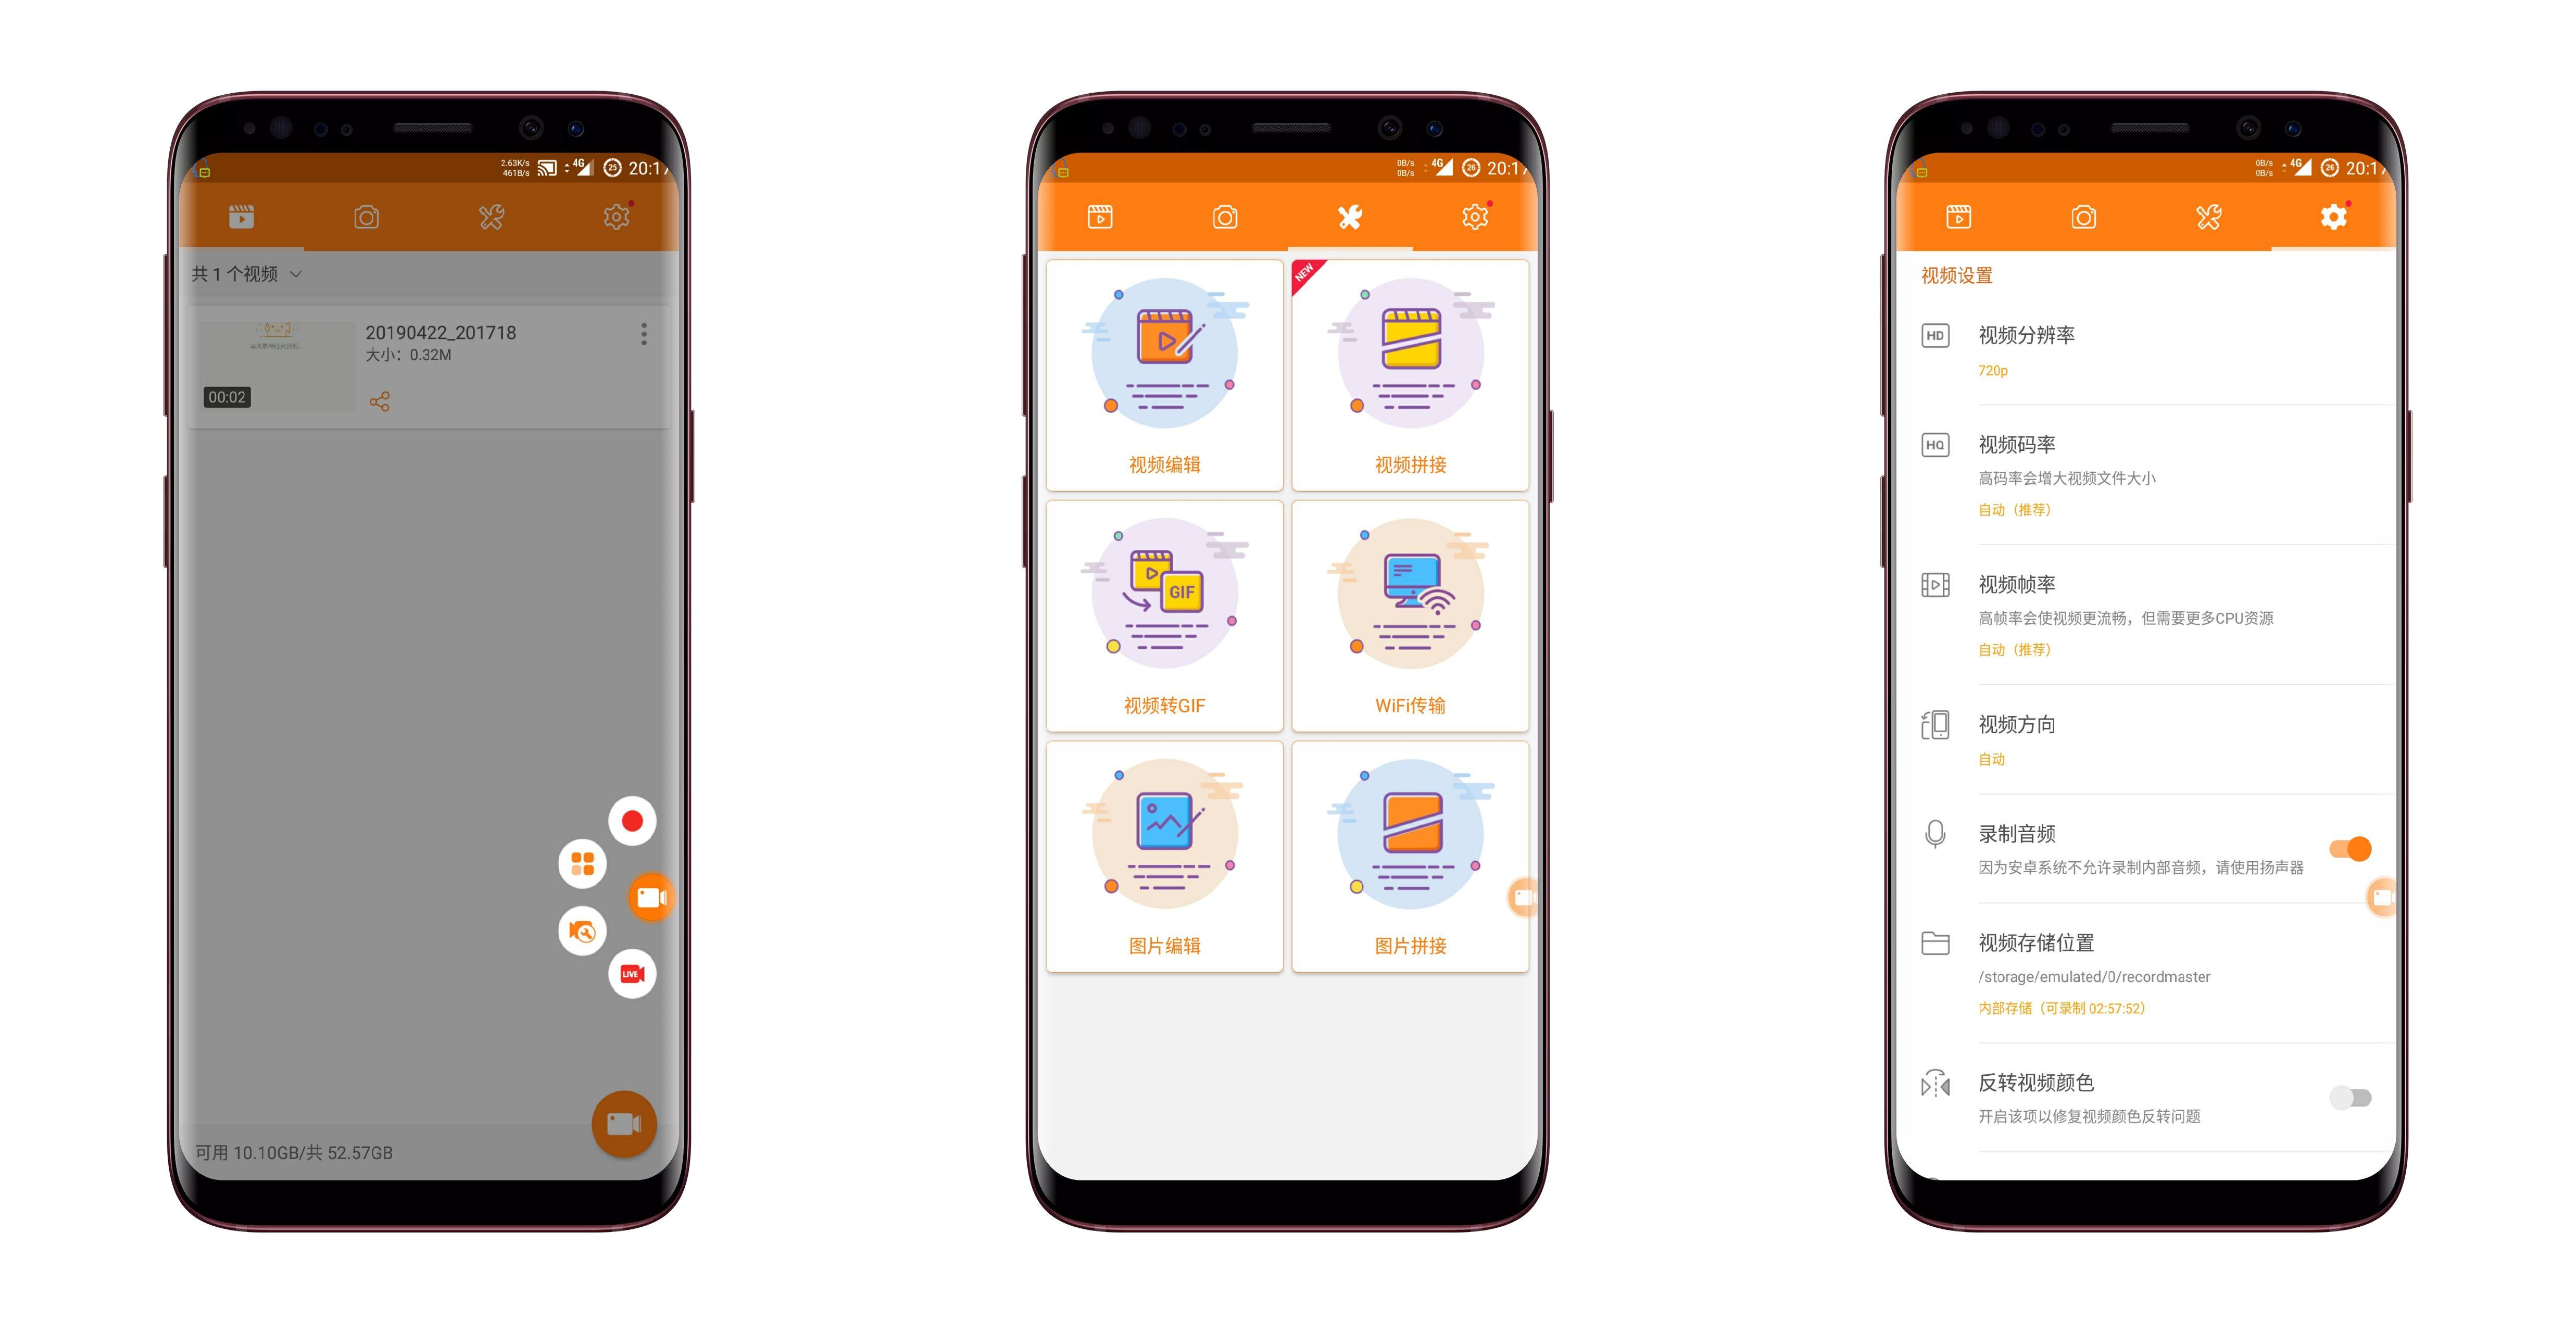 【手机软件】小熊录屏剪辑视频多功能